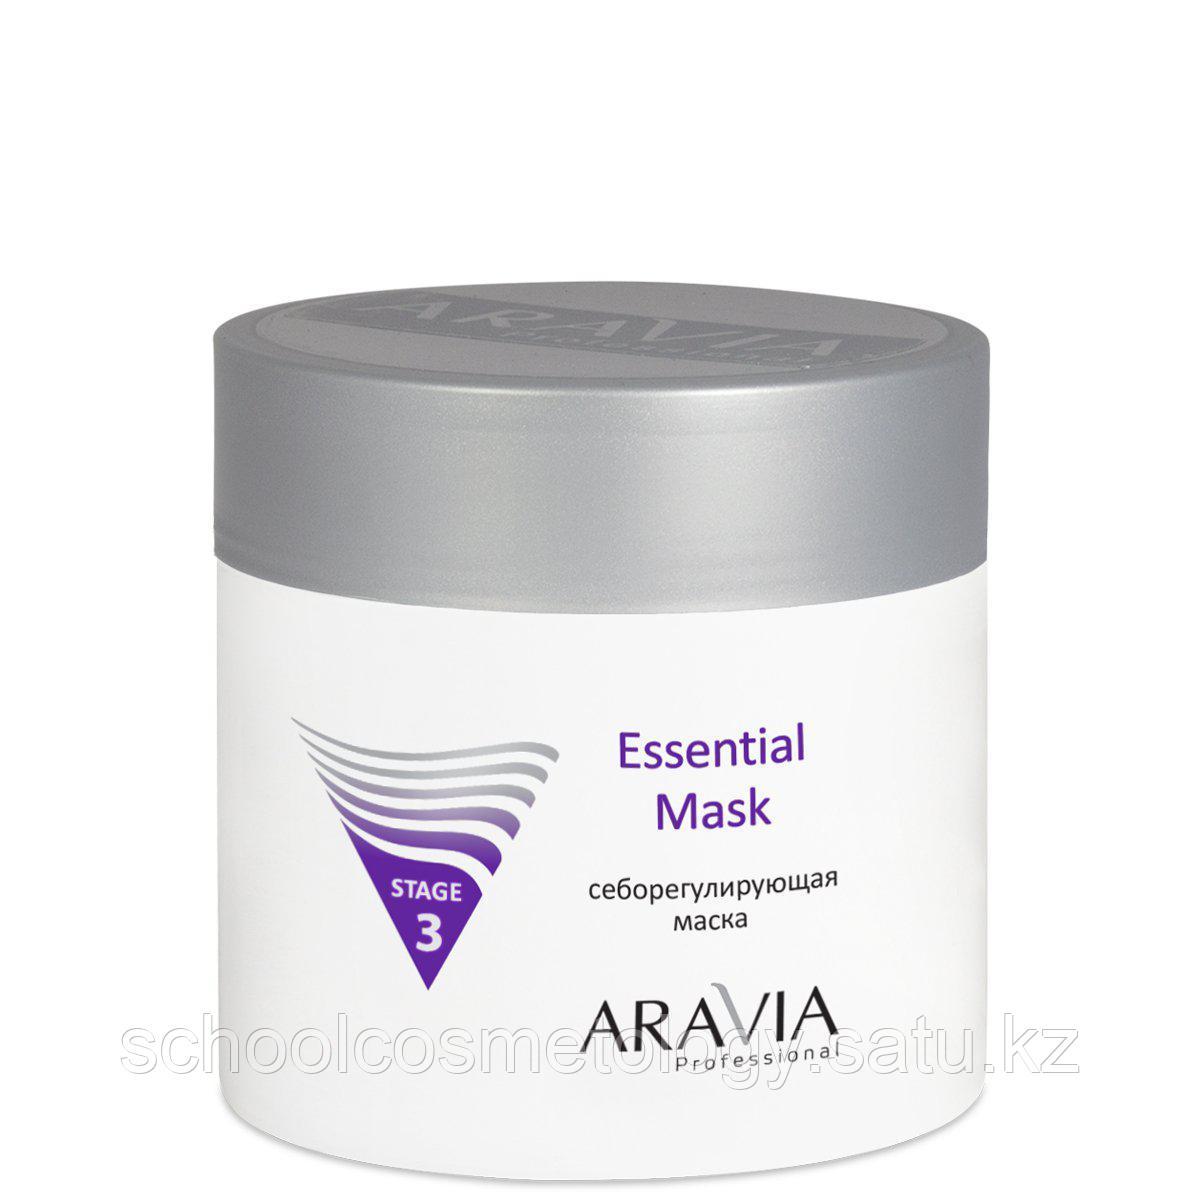 Себорегулирующая маска Essential Mask. «ARAVIA Professional» - фото 1